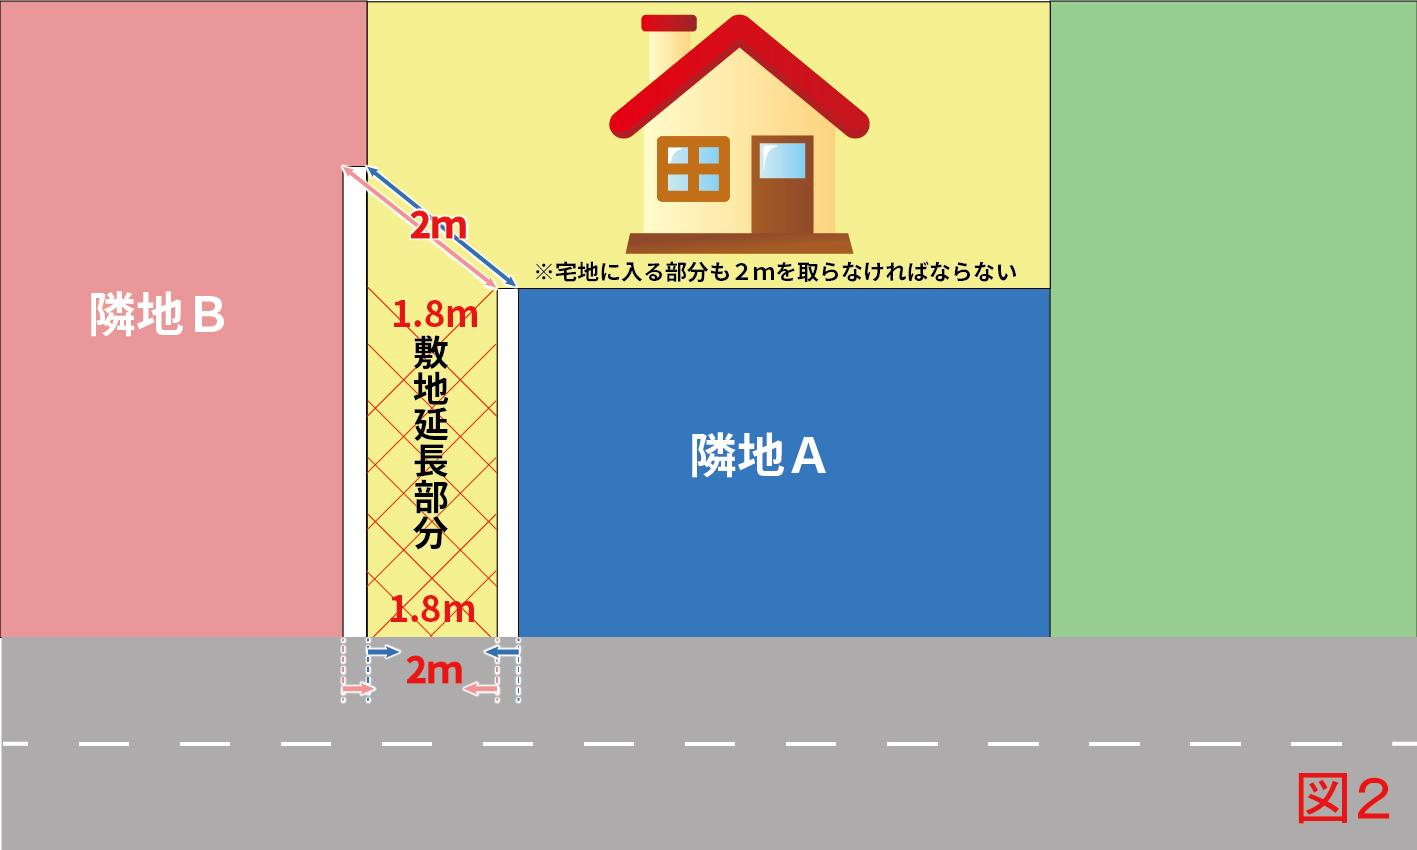 隣地Aもしくは隣地Bの部分を購入(白抜き部分)した場合、道路接道部分が2mを満たしていても、敷地延長部分から宅地に入る部分も2m以上ないと建て替えが不可(再建築不可)となります。簡単に言うと、接道部分から直径2mの球体をころがして宅地部分に入らないと建て替えが不可ということです。